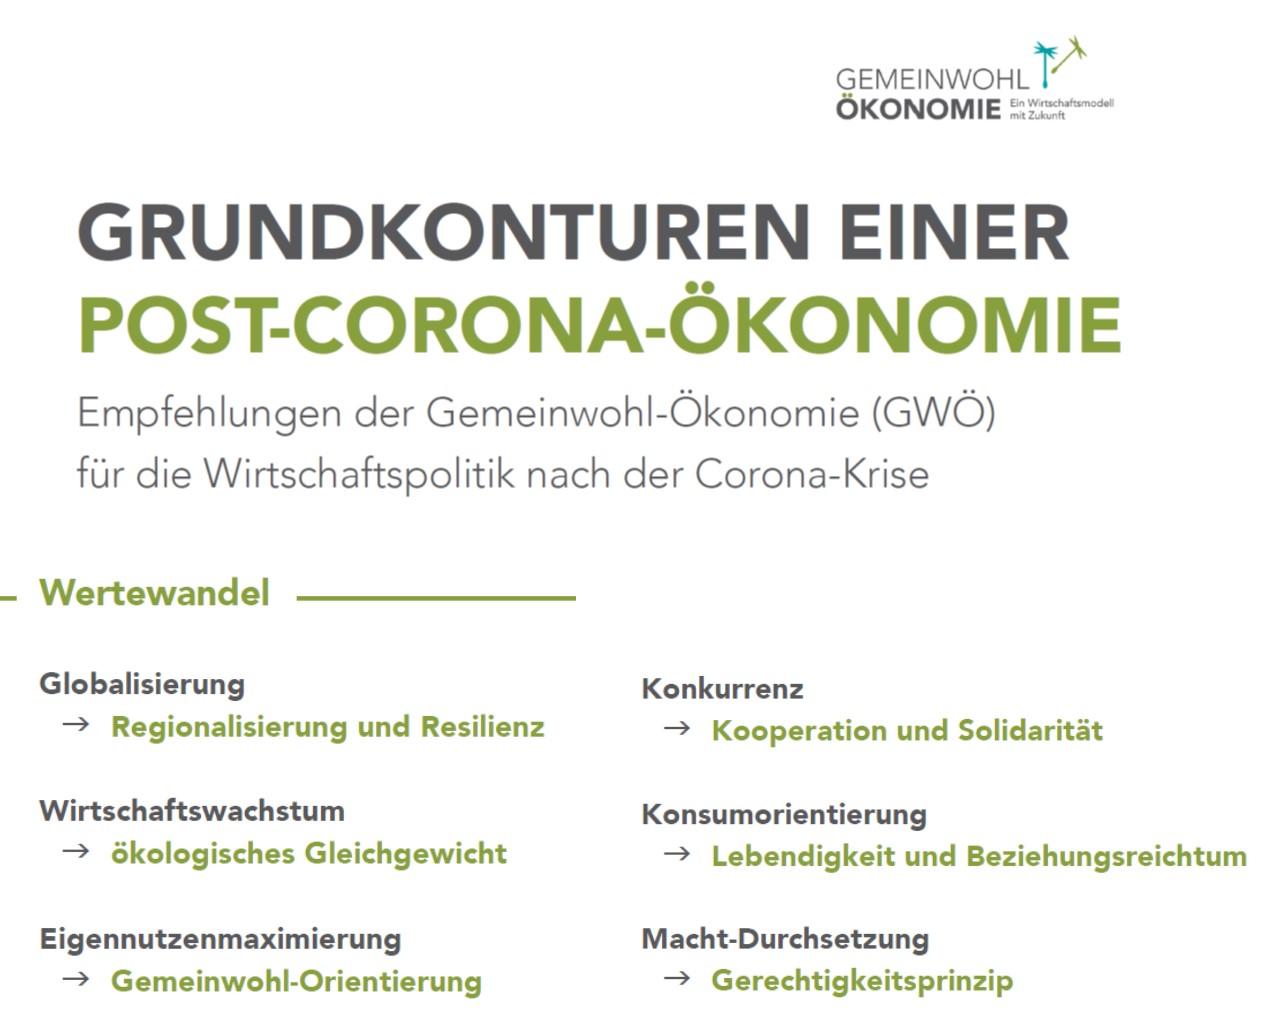 Grundkonturen einer Post-Corona-Ökonomie